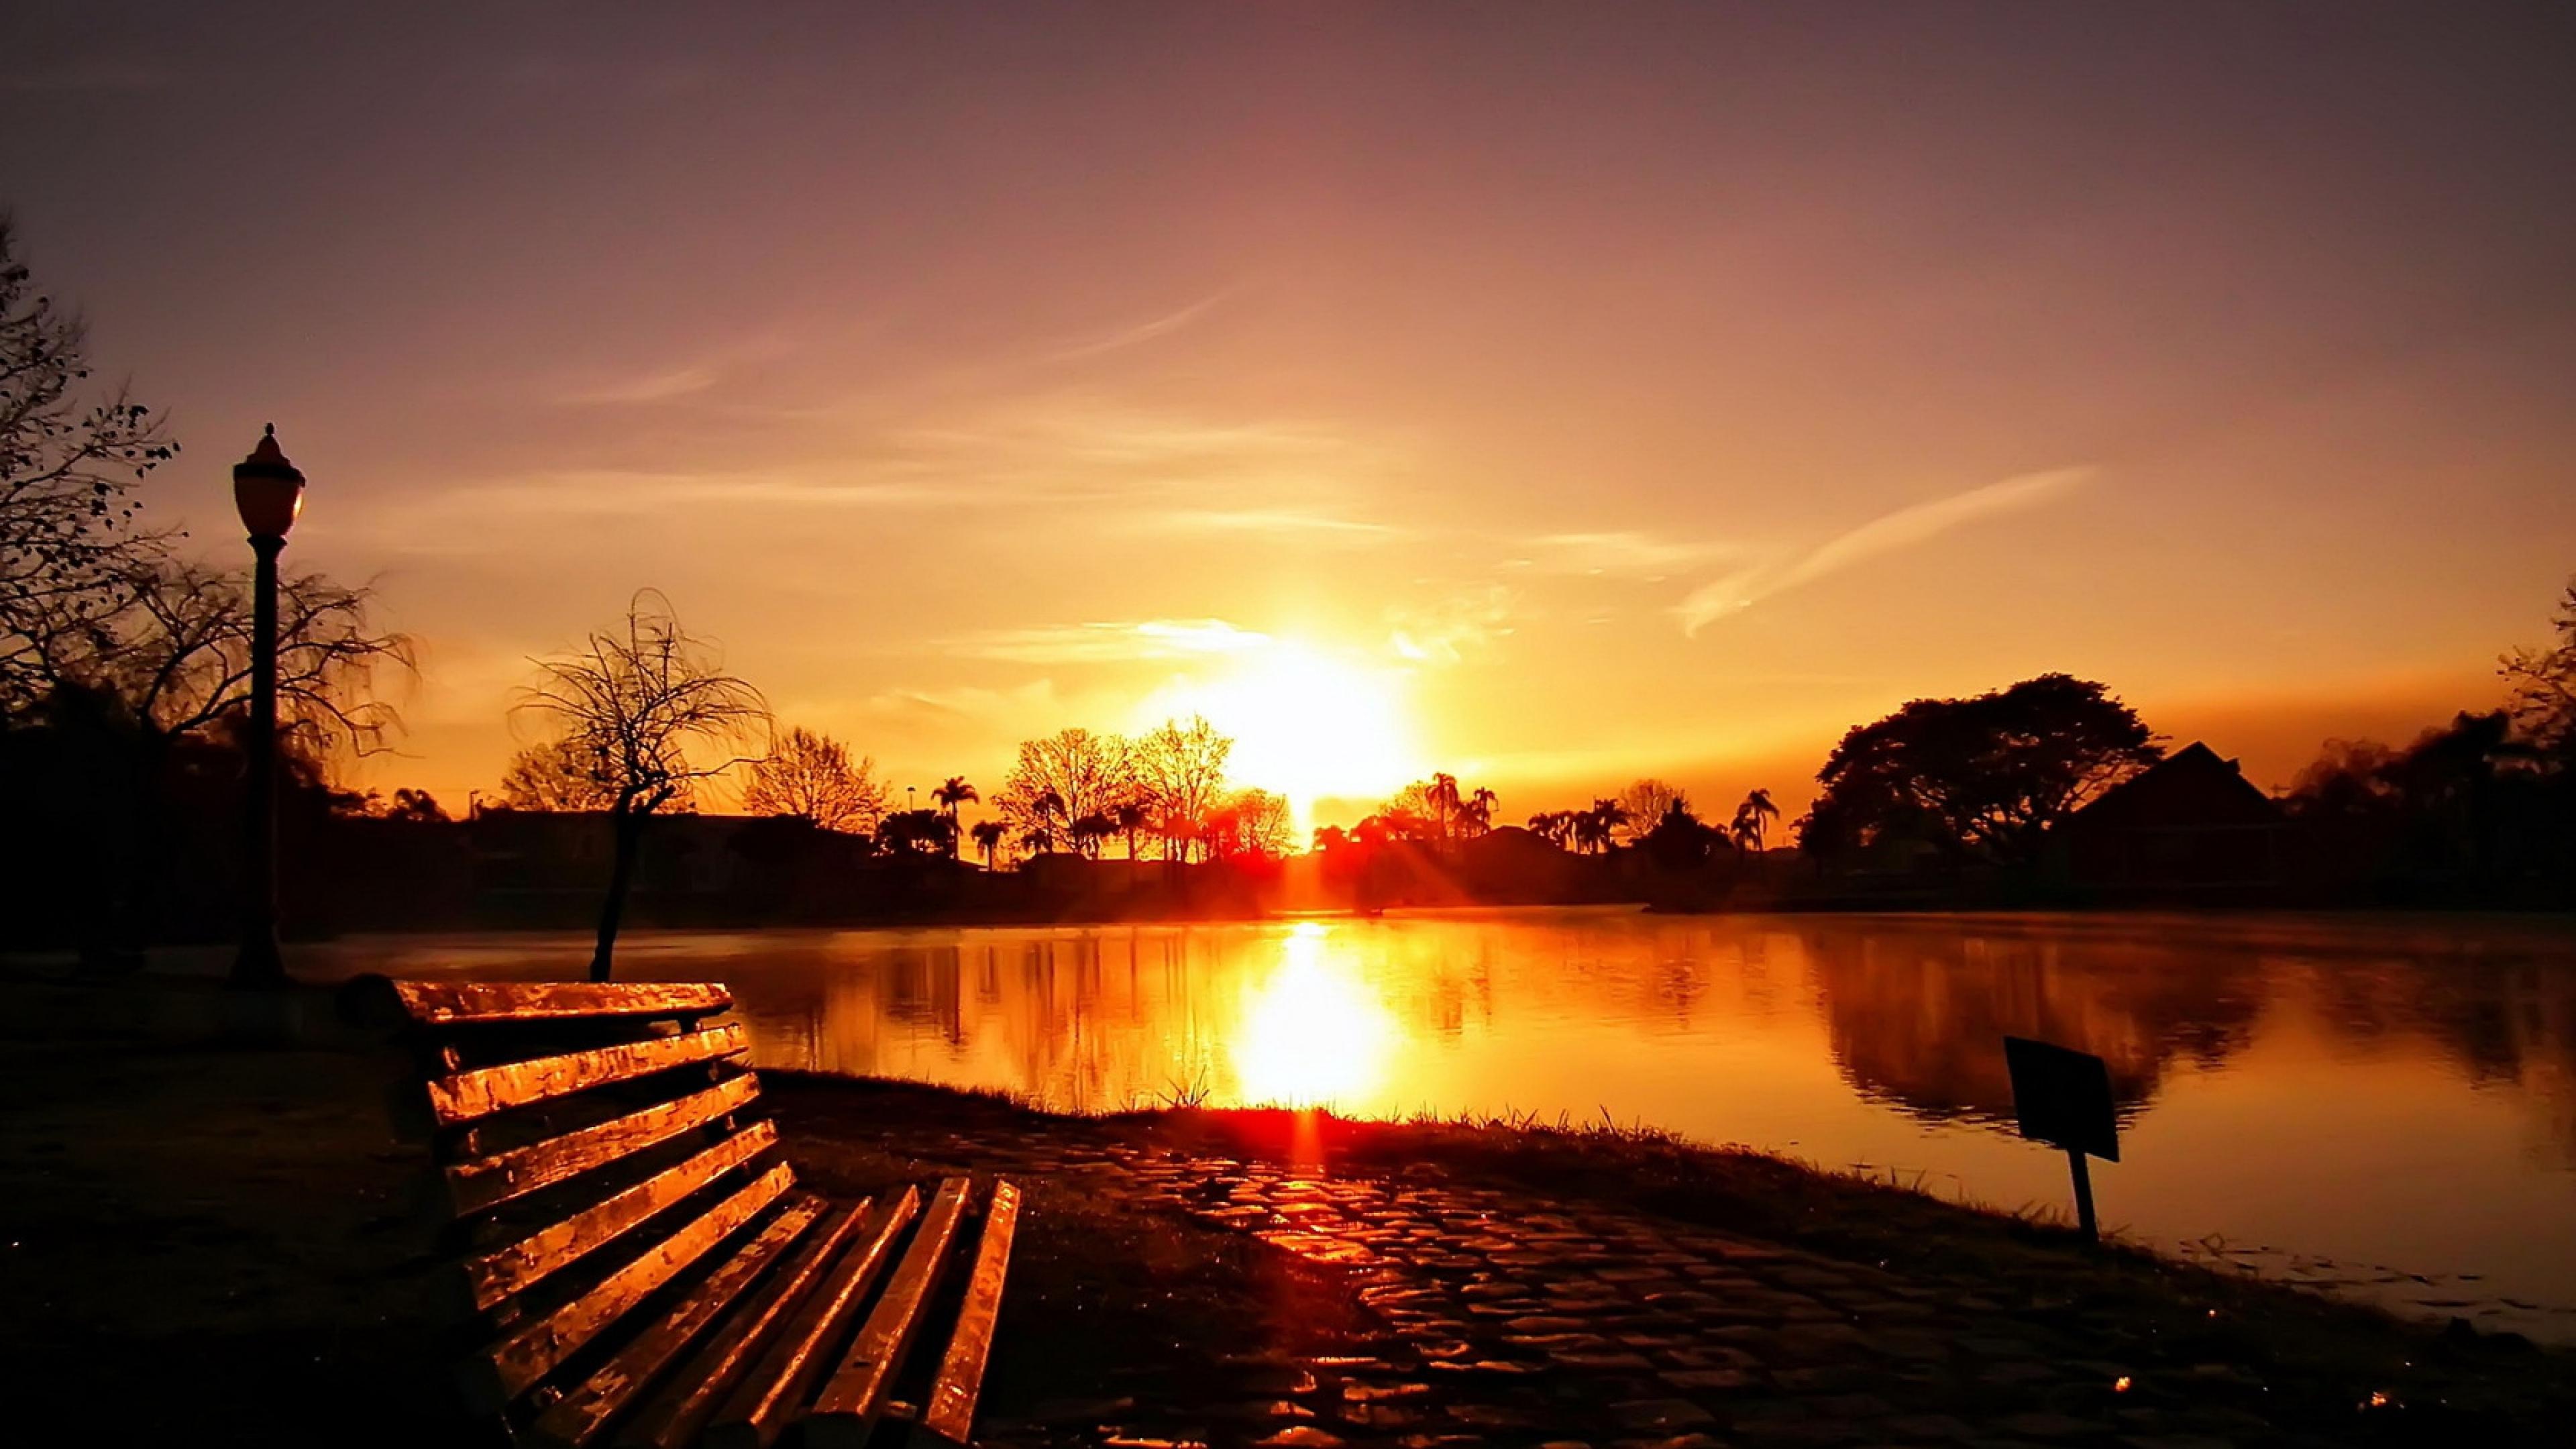 Landscape Sunset Pictures